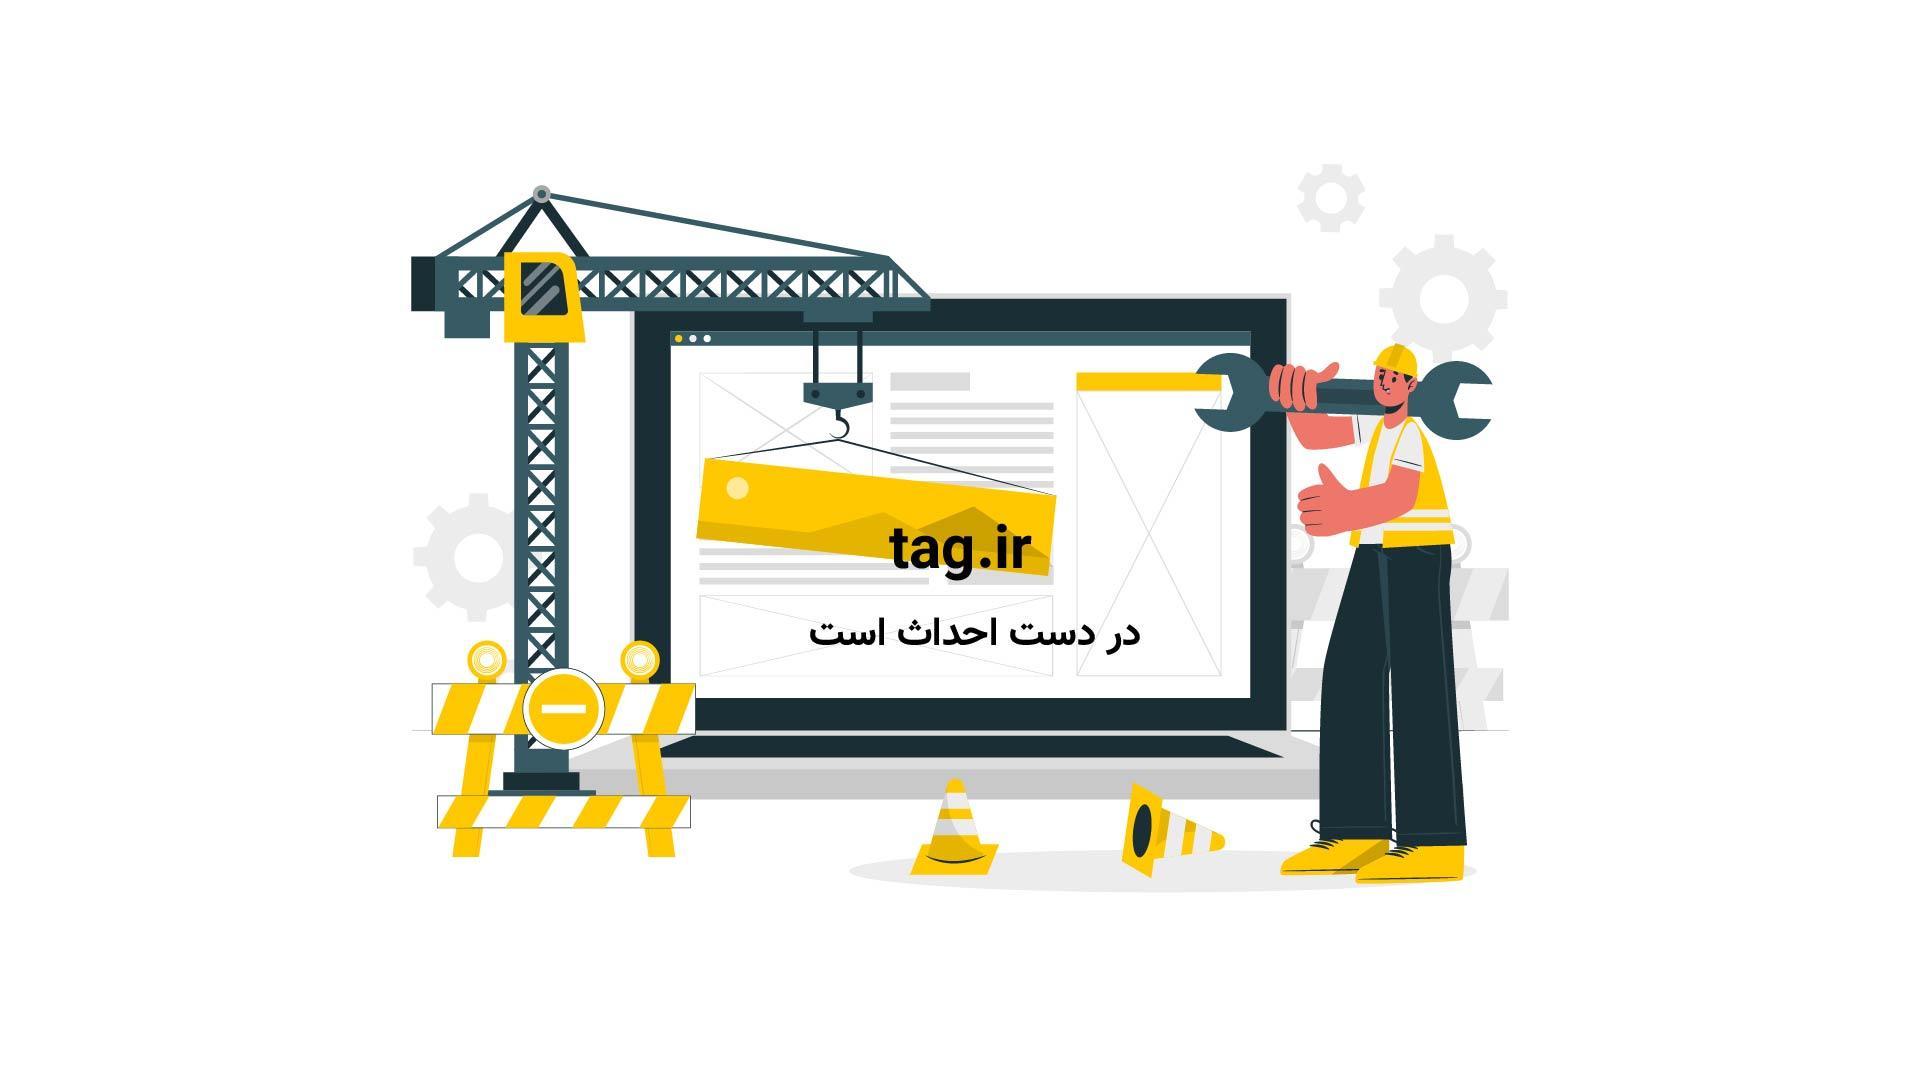 آبشار گنج نامه | تگ